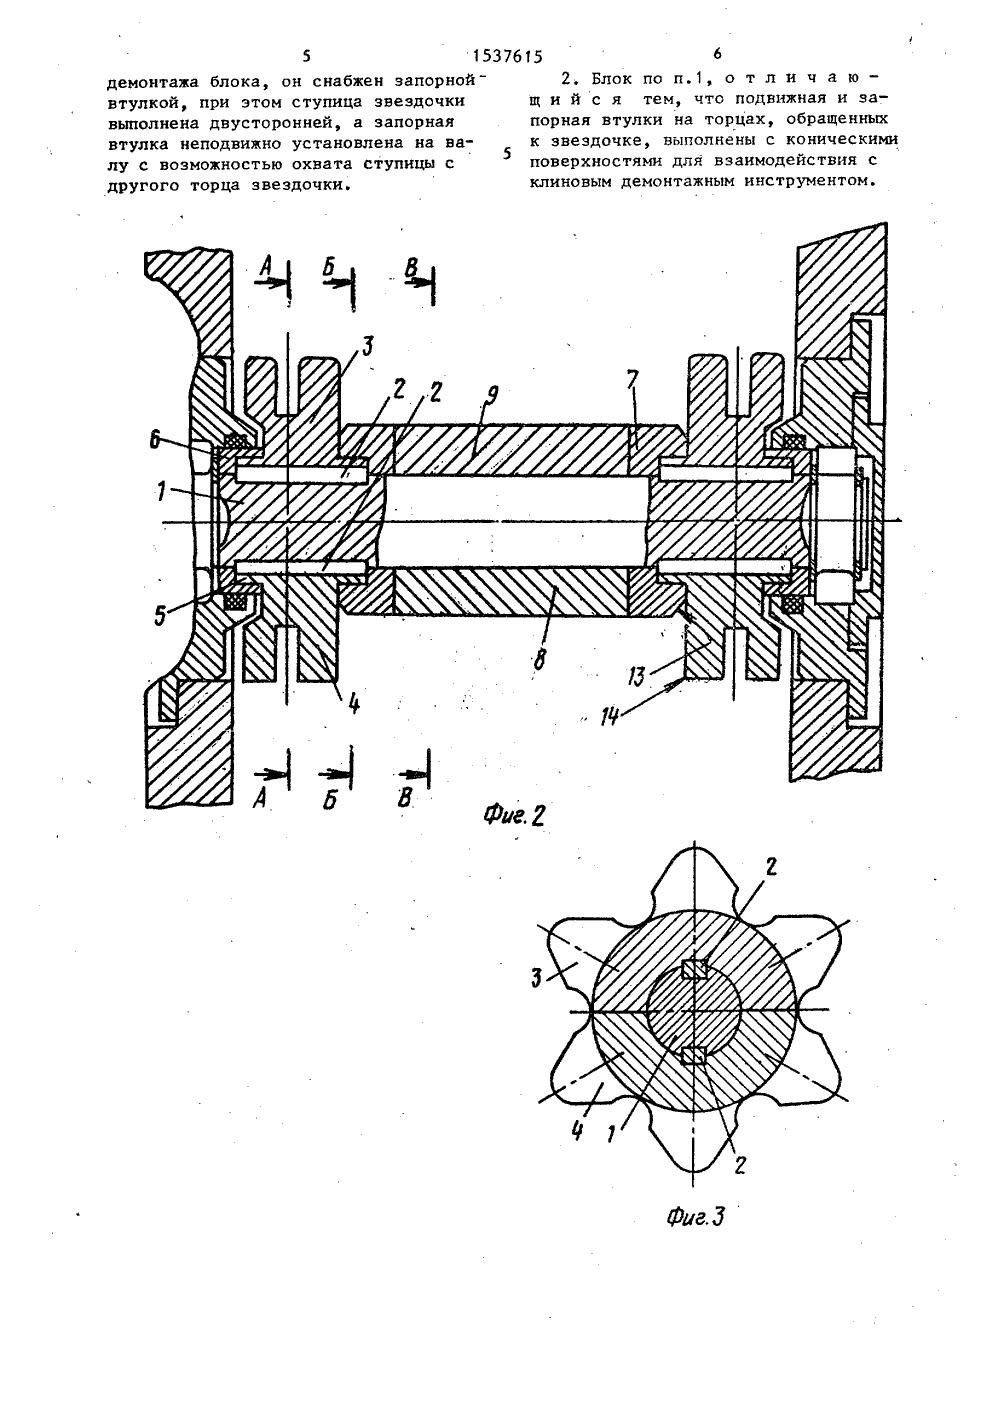 приводные блоки скребковых конвейеров